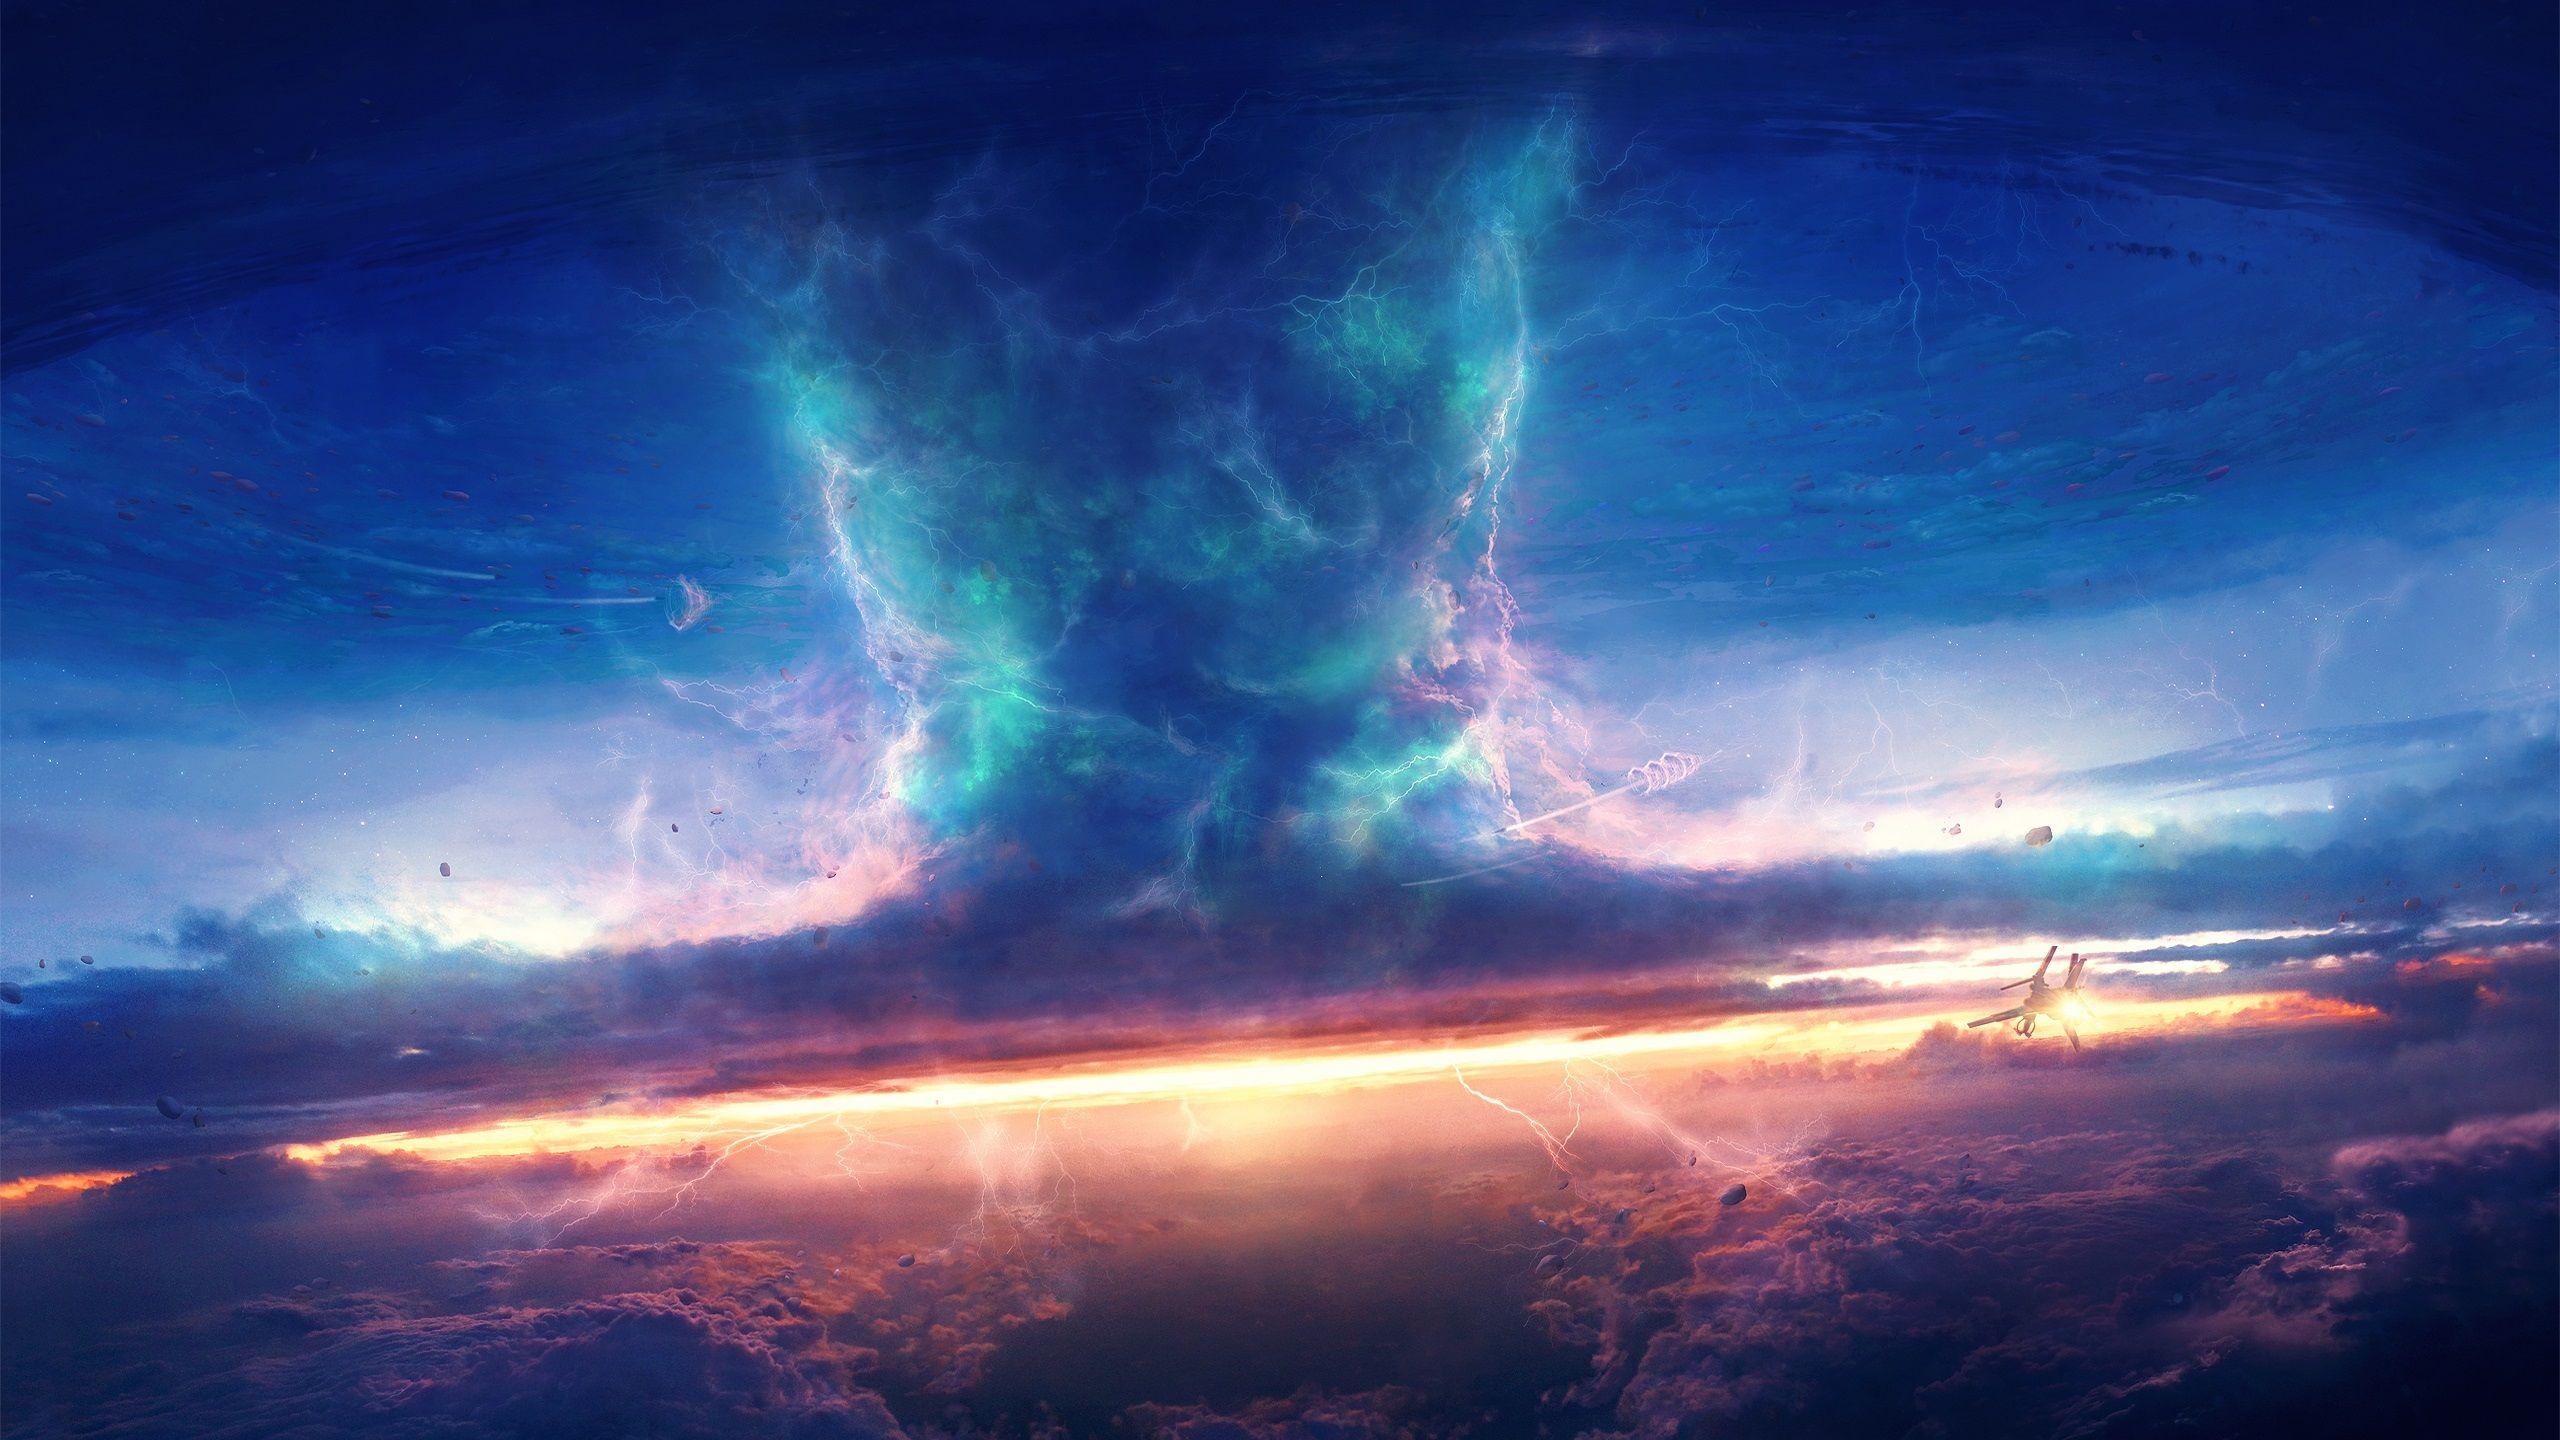 嵐 空 雲 宇宙船 竜巻 アートデザイン 壁紙 2560x1440 壁紙ダウンロード アニメの風景 アートデザイン コンセプトアート